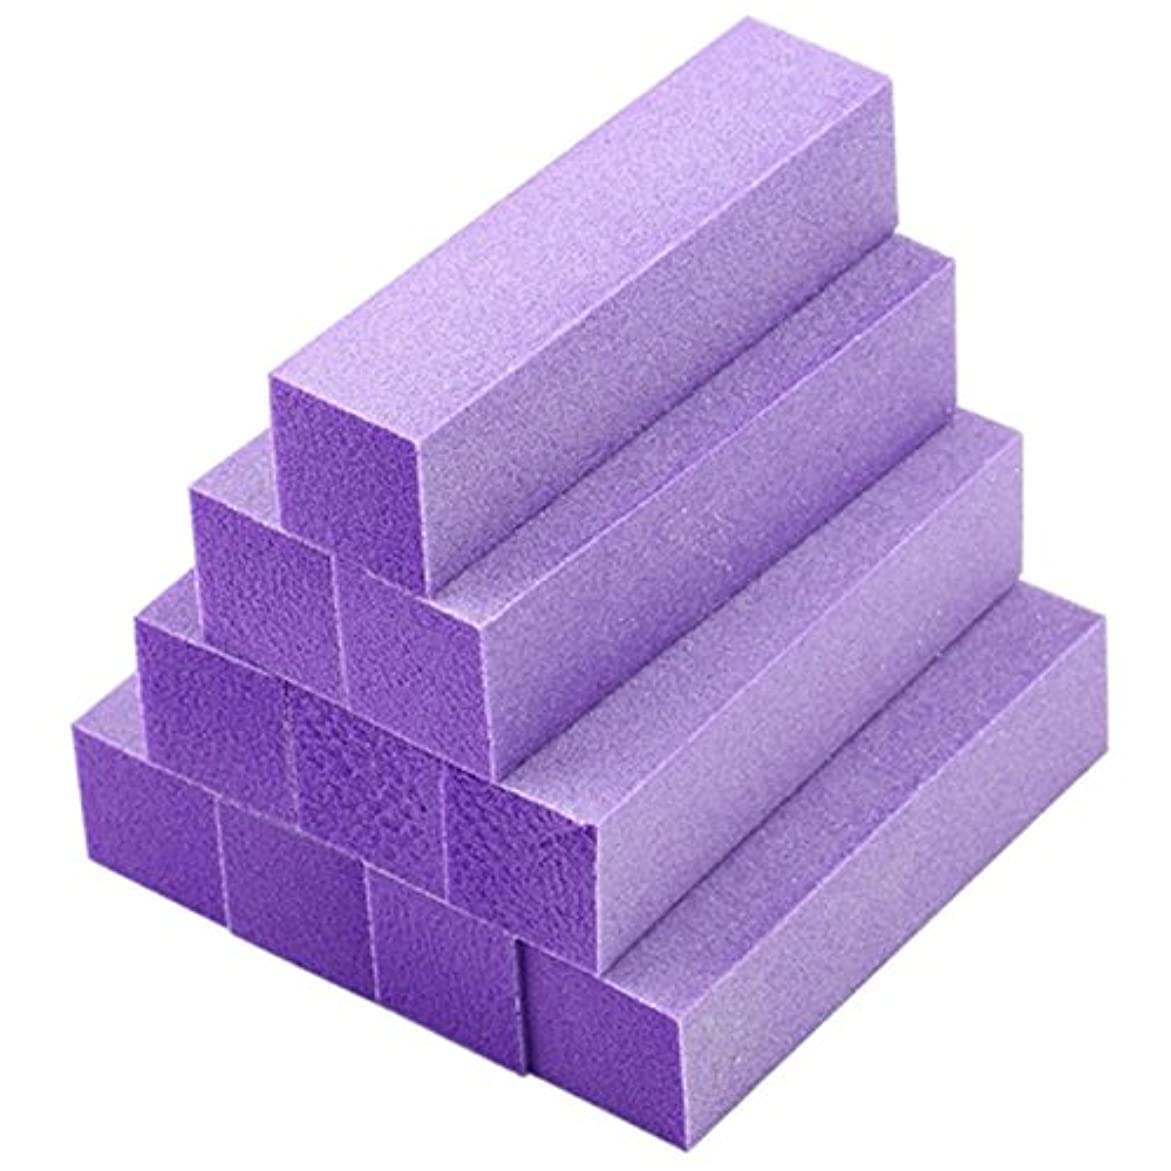 気分が良いガロン炭素Nrpfell 10xバフ研磨 バッファブロックファイル アクリルペディキュアマニキュアネイルアートチップ (色:紫)